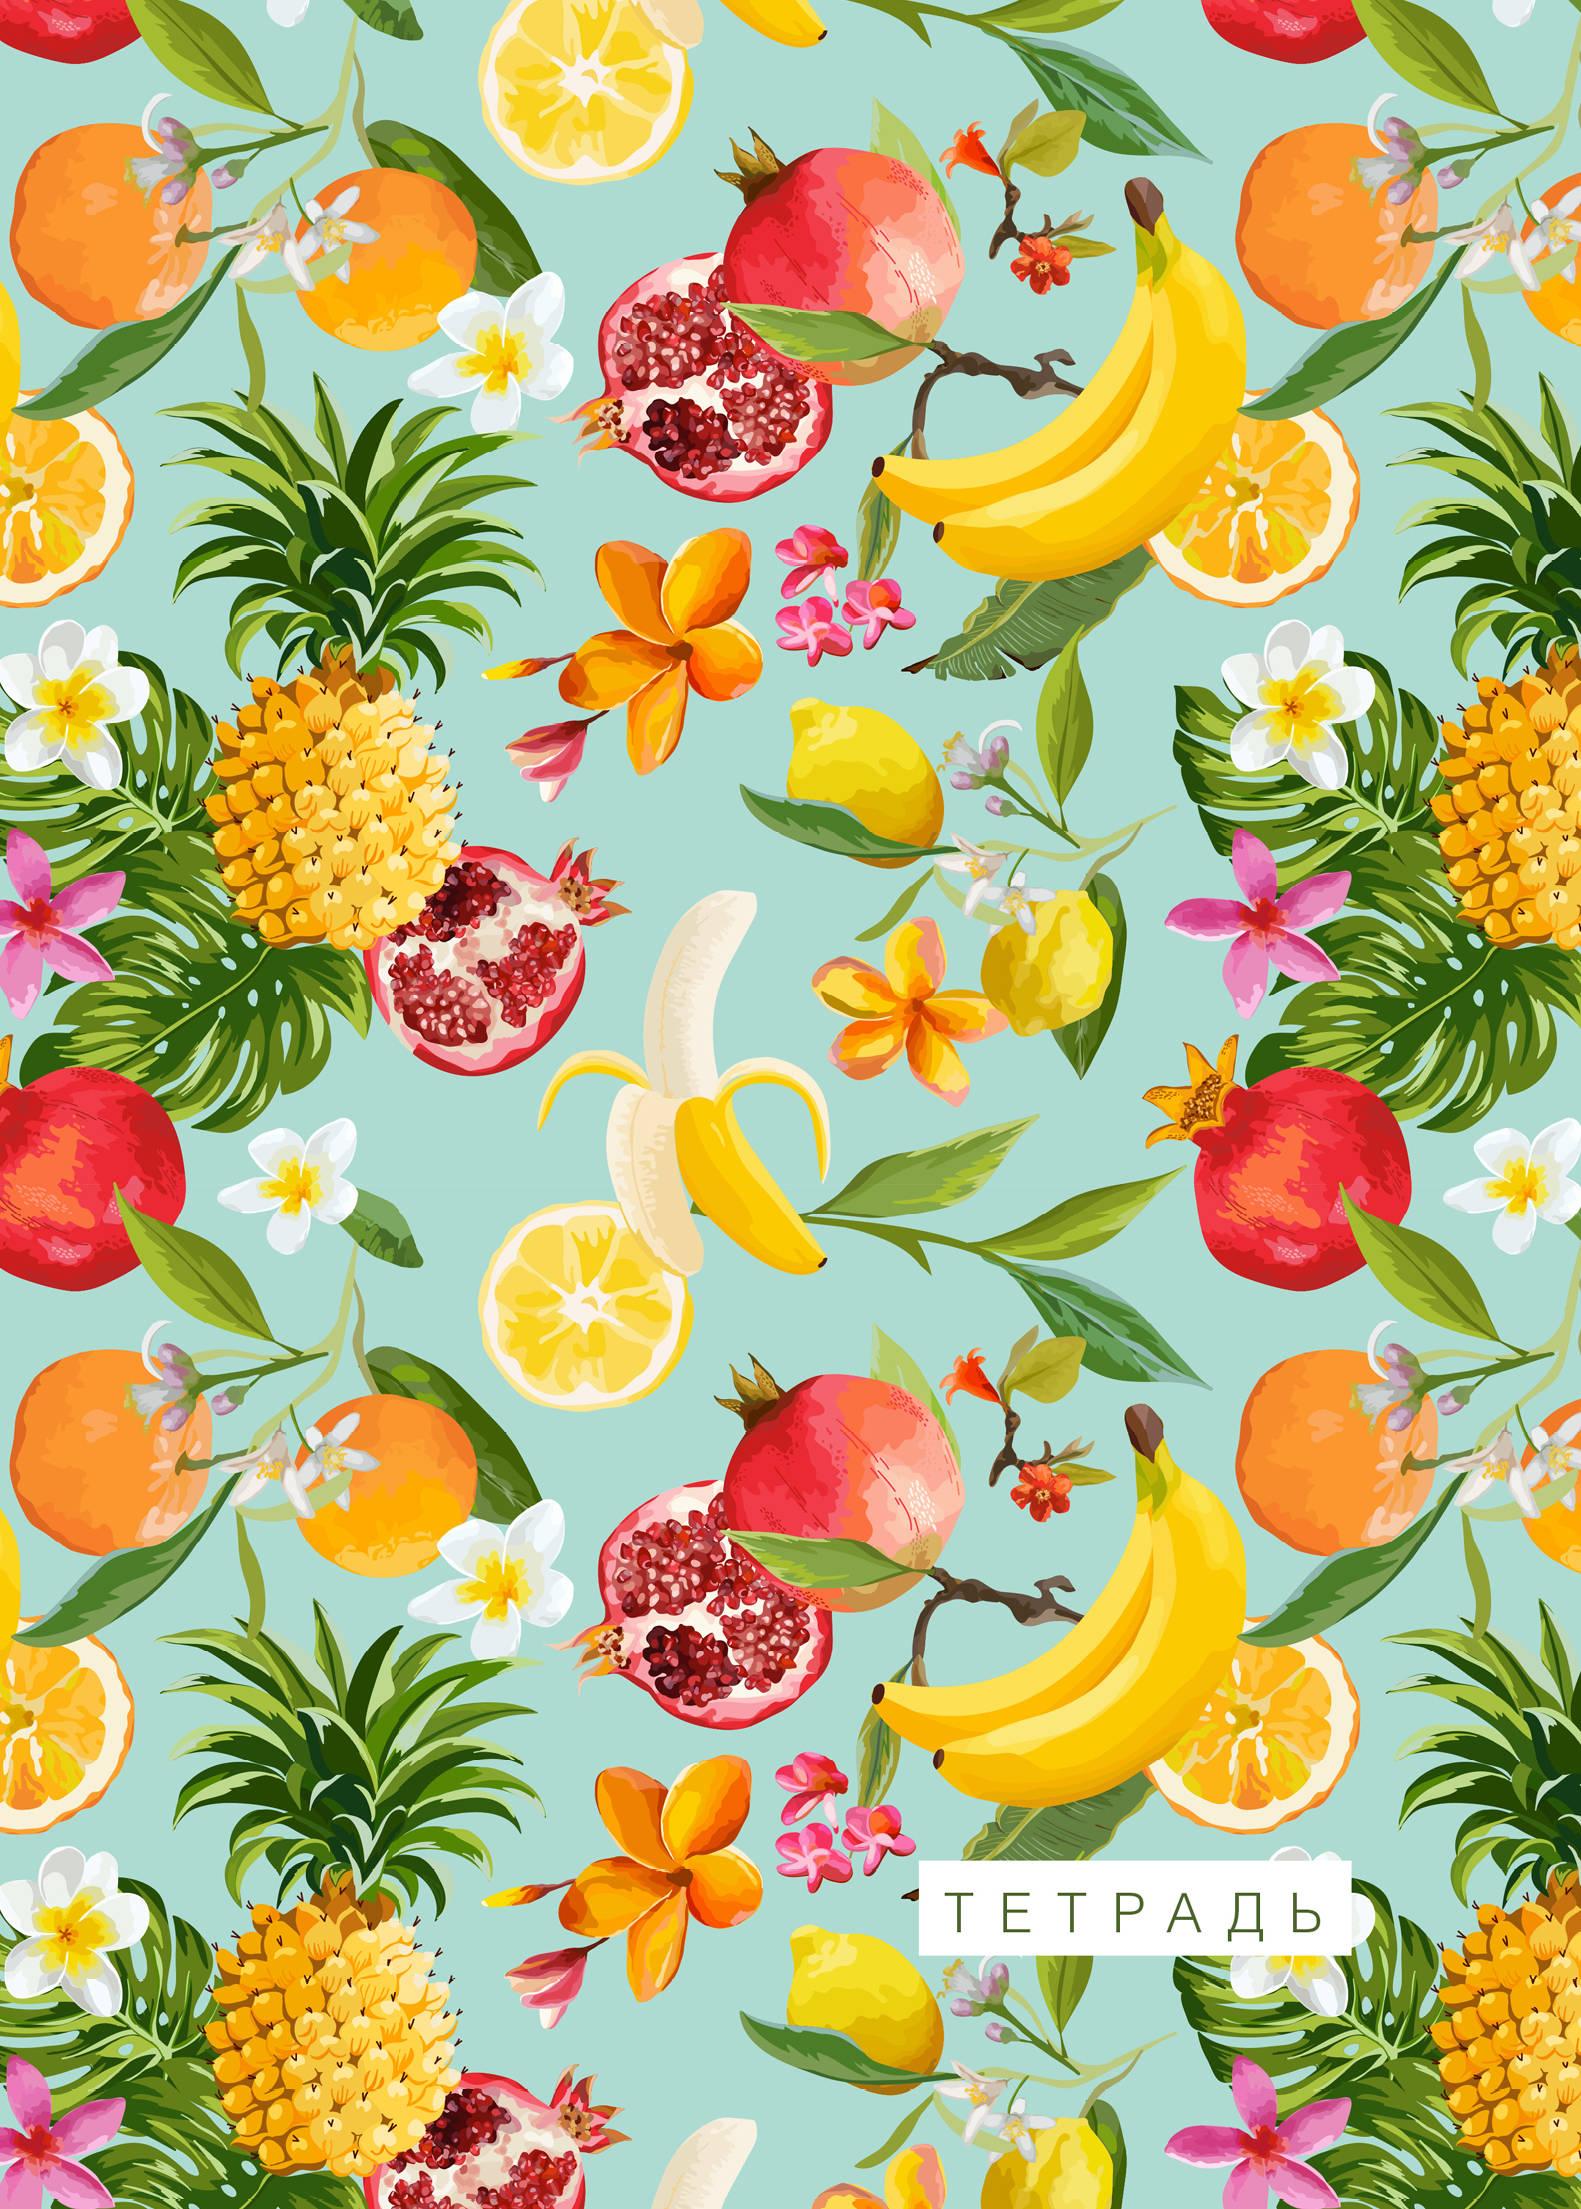 Тропические фрукты. Тетрадь (B5, 40 л., УФ-лак)